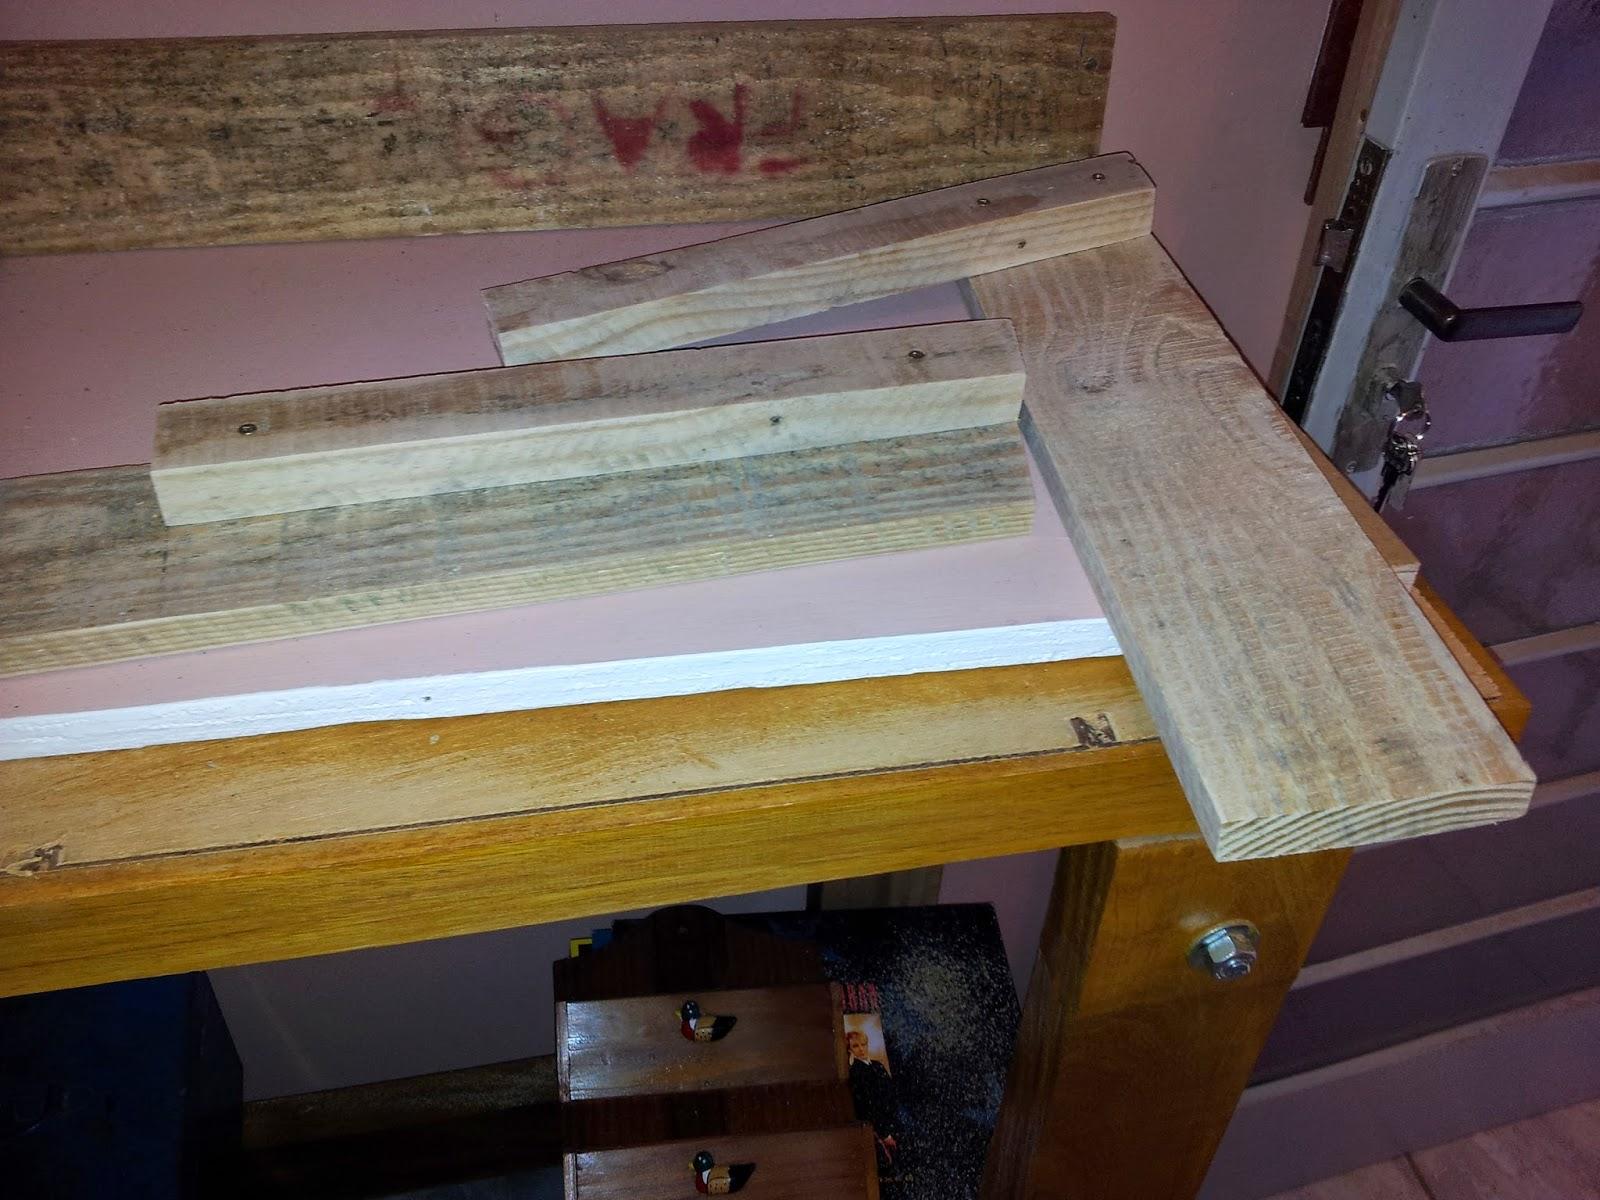 Oficina do Quintal: Como fazer banco de madeira com encosto #866931 1600x1200